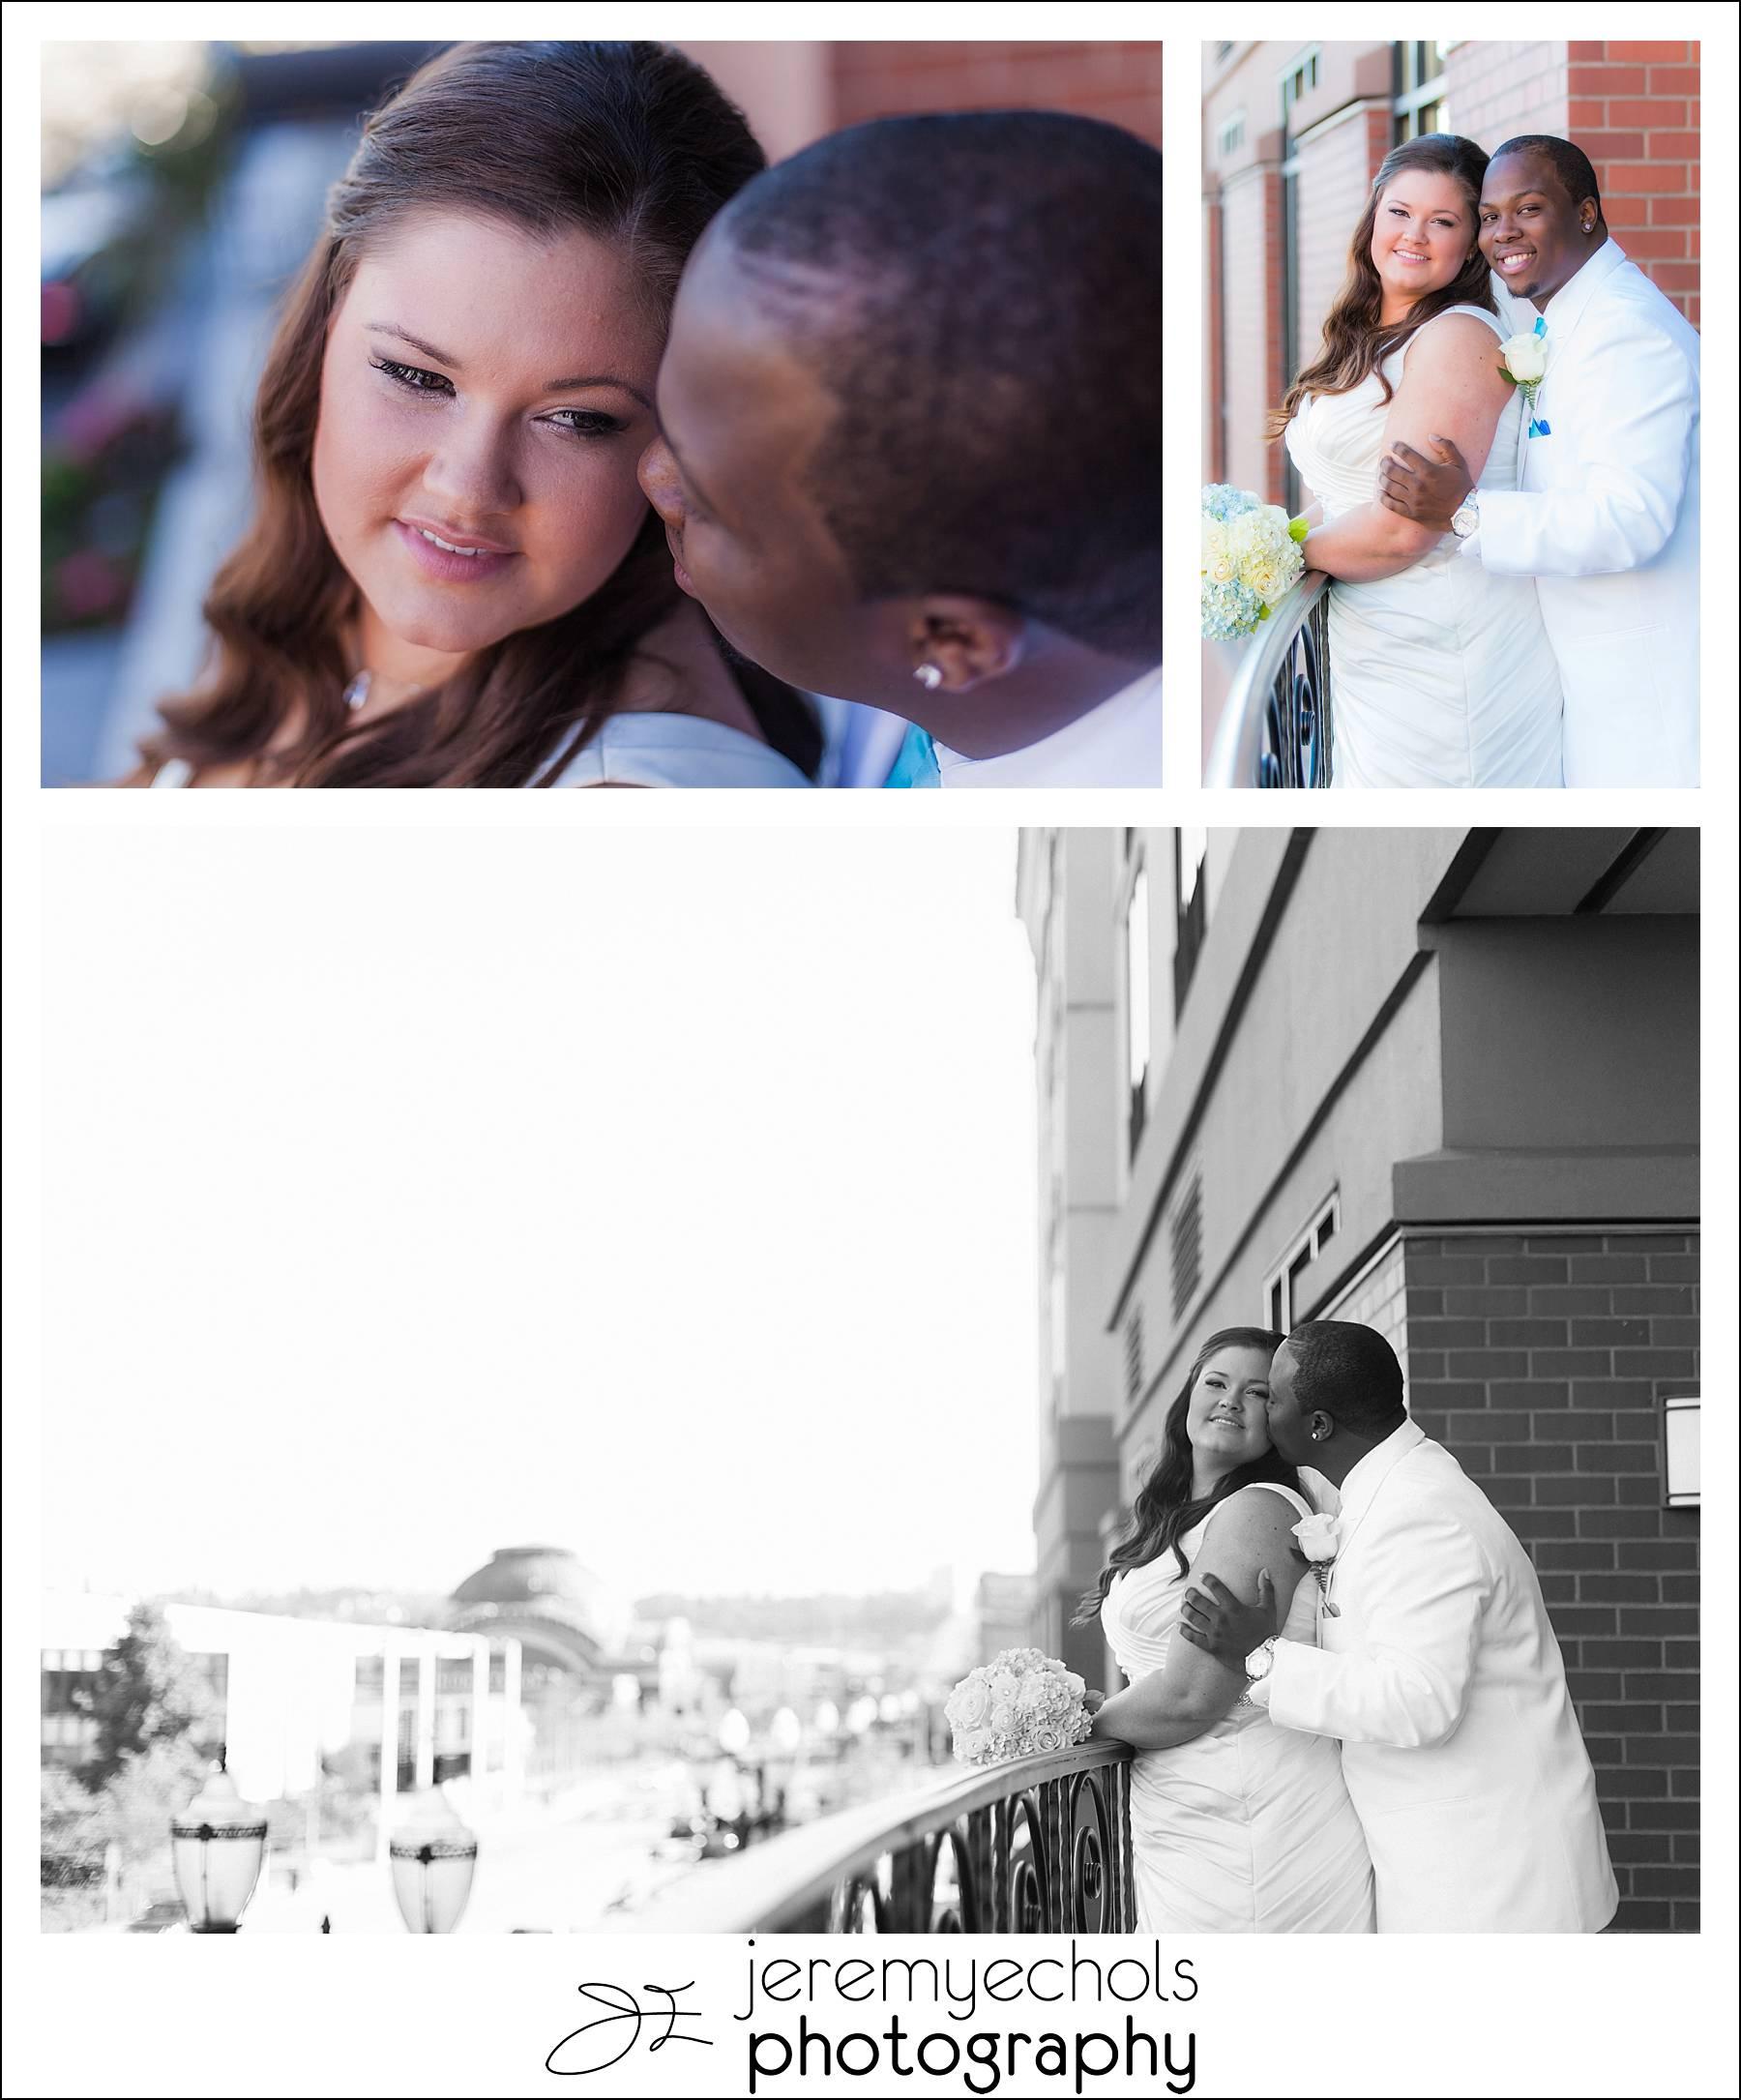 Marcus-Chelsea-Tacoma-Wedding-Photography-422_WEB.jpg